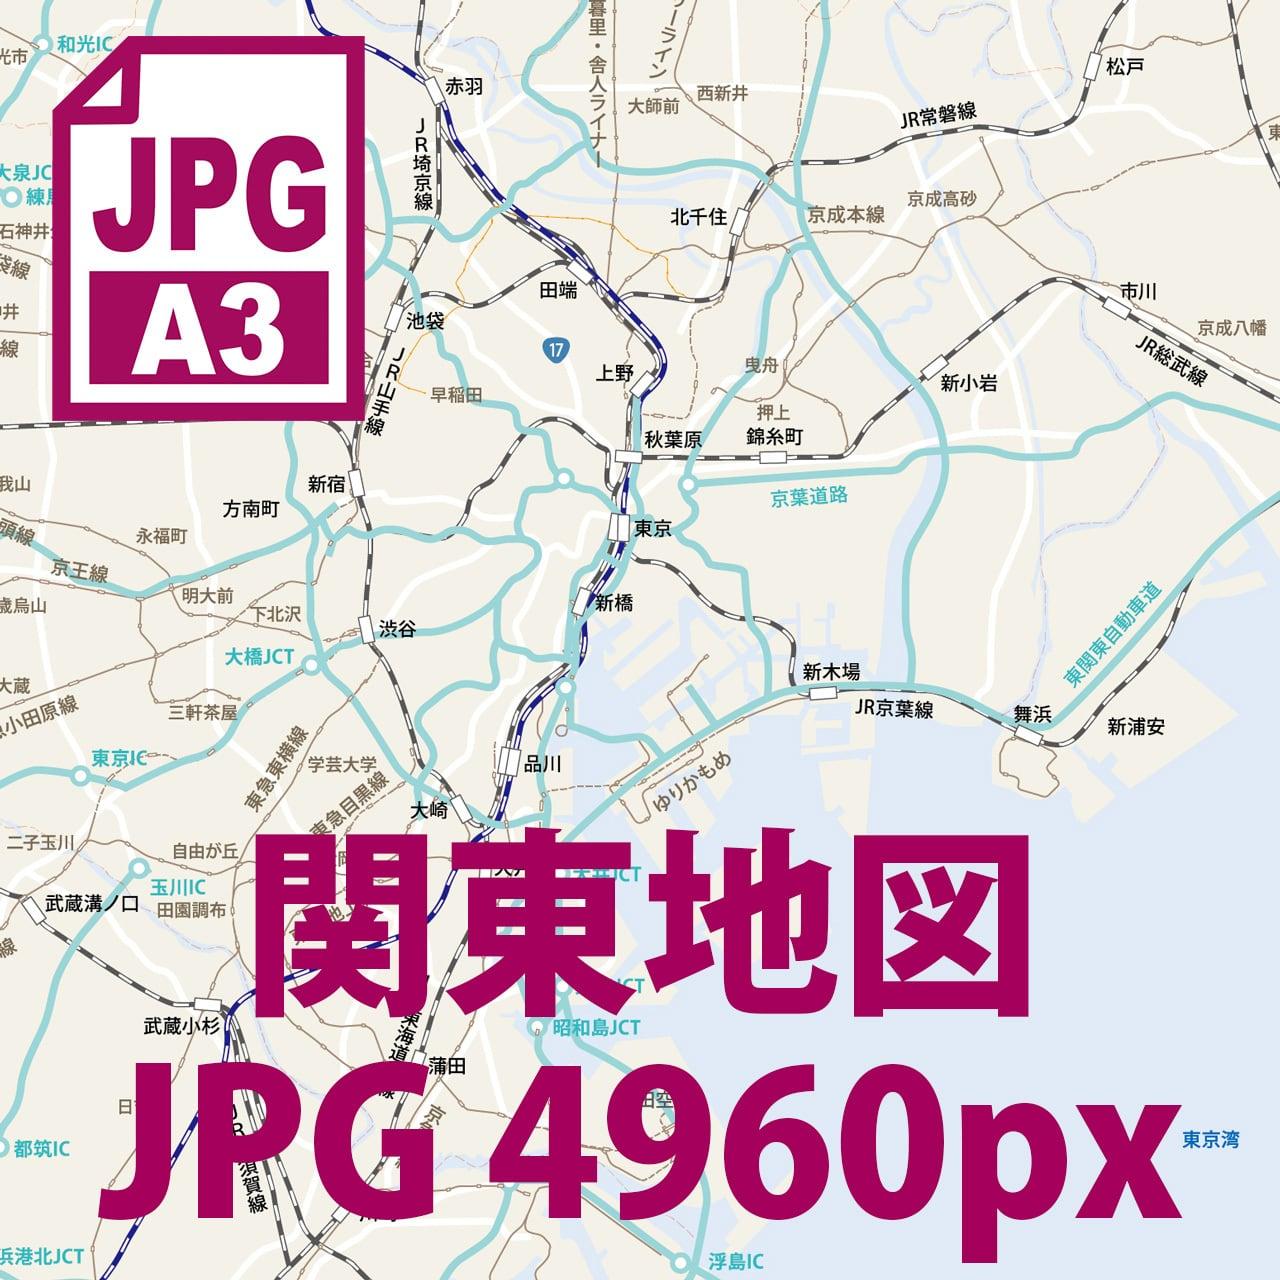 関東エリアマップ(画像4960px)A3